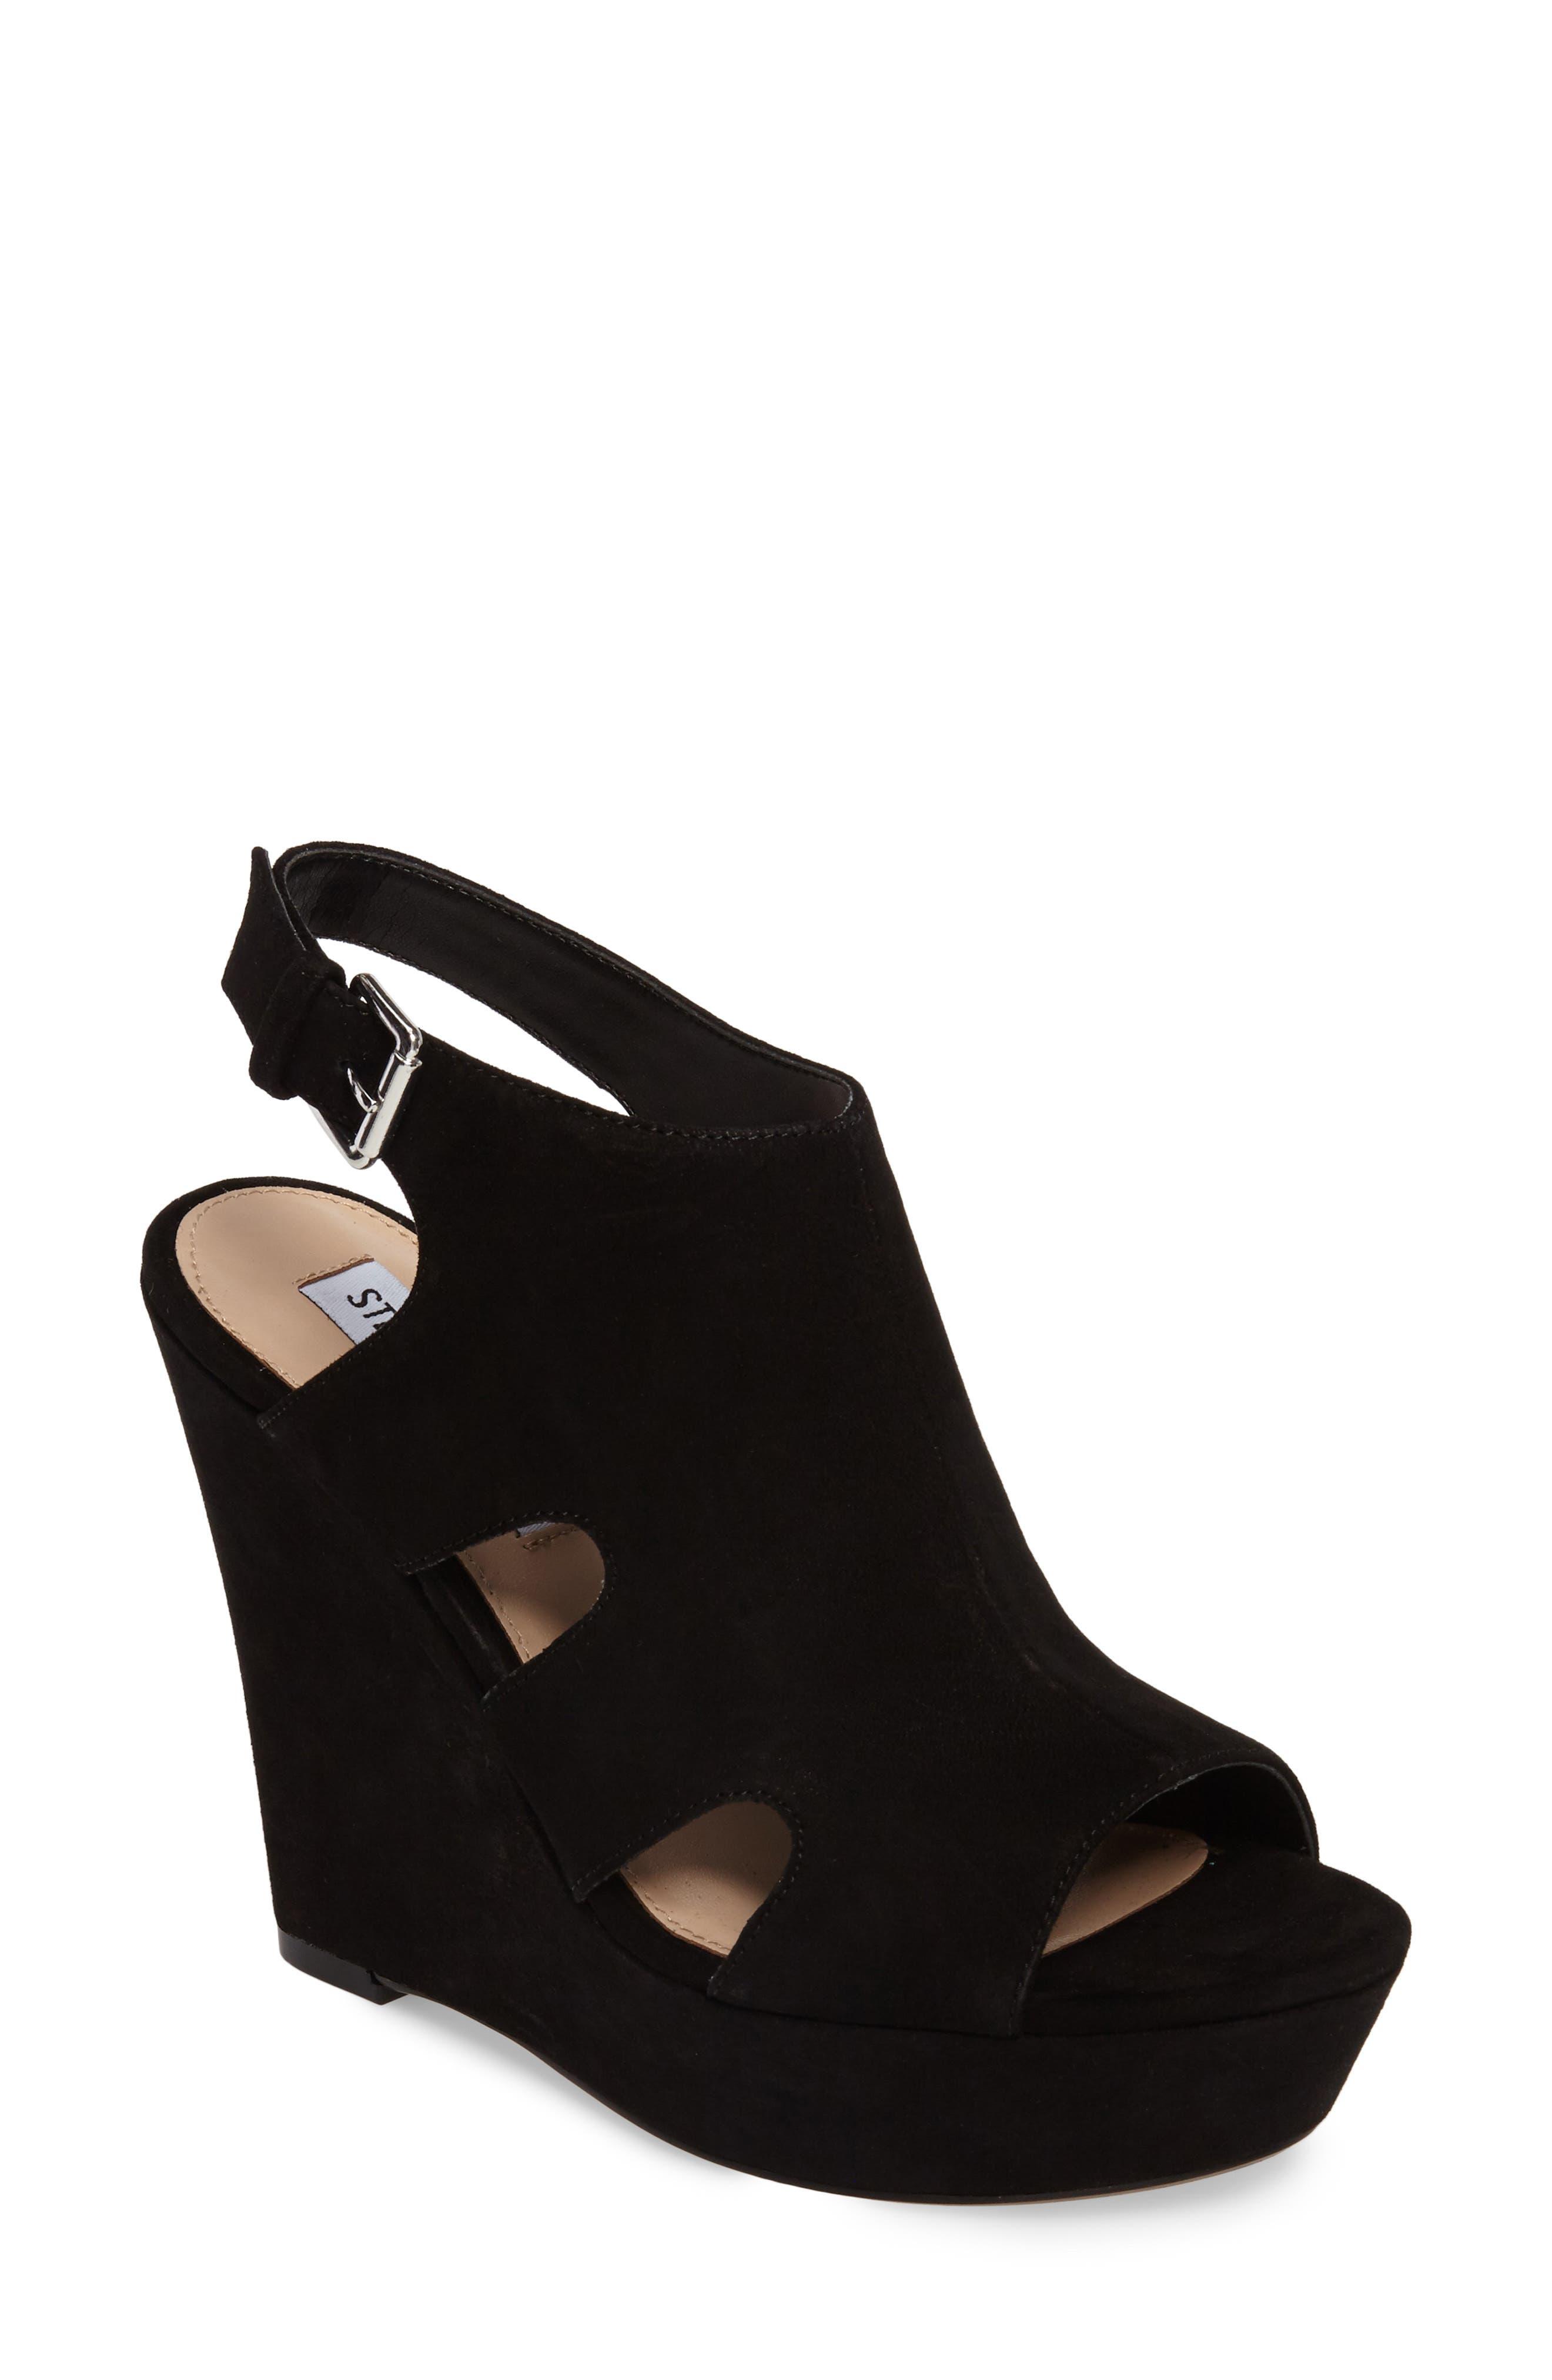 Emmy Wedge Sandal,                         Main,                         color, Black Suede